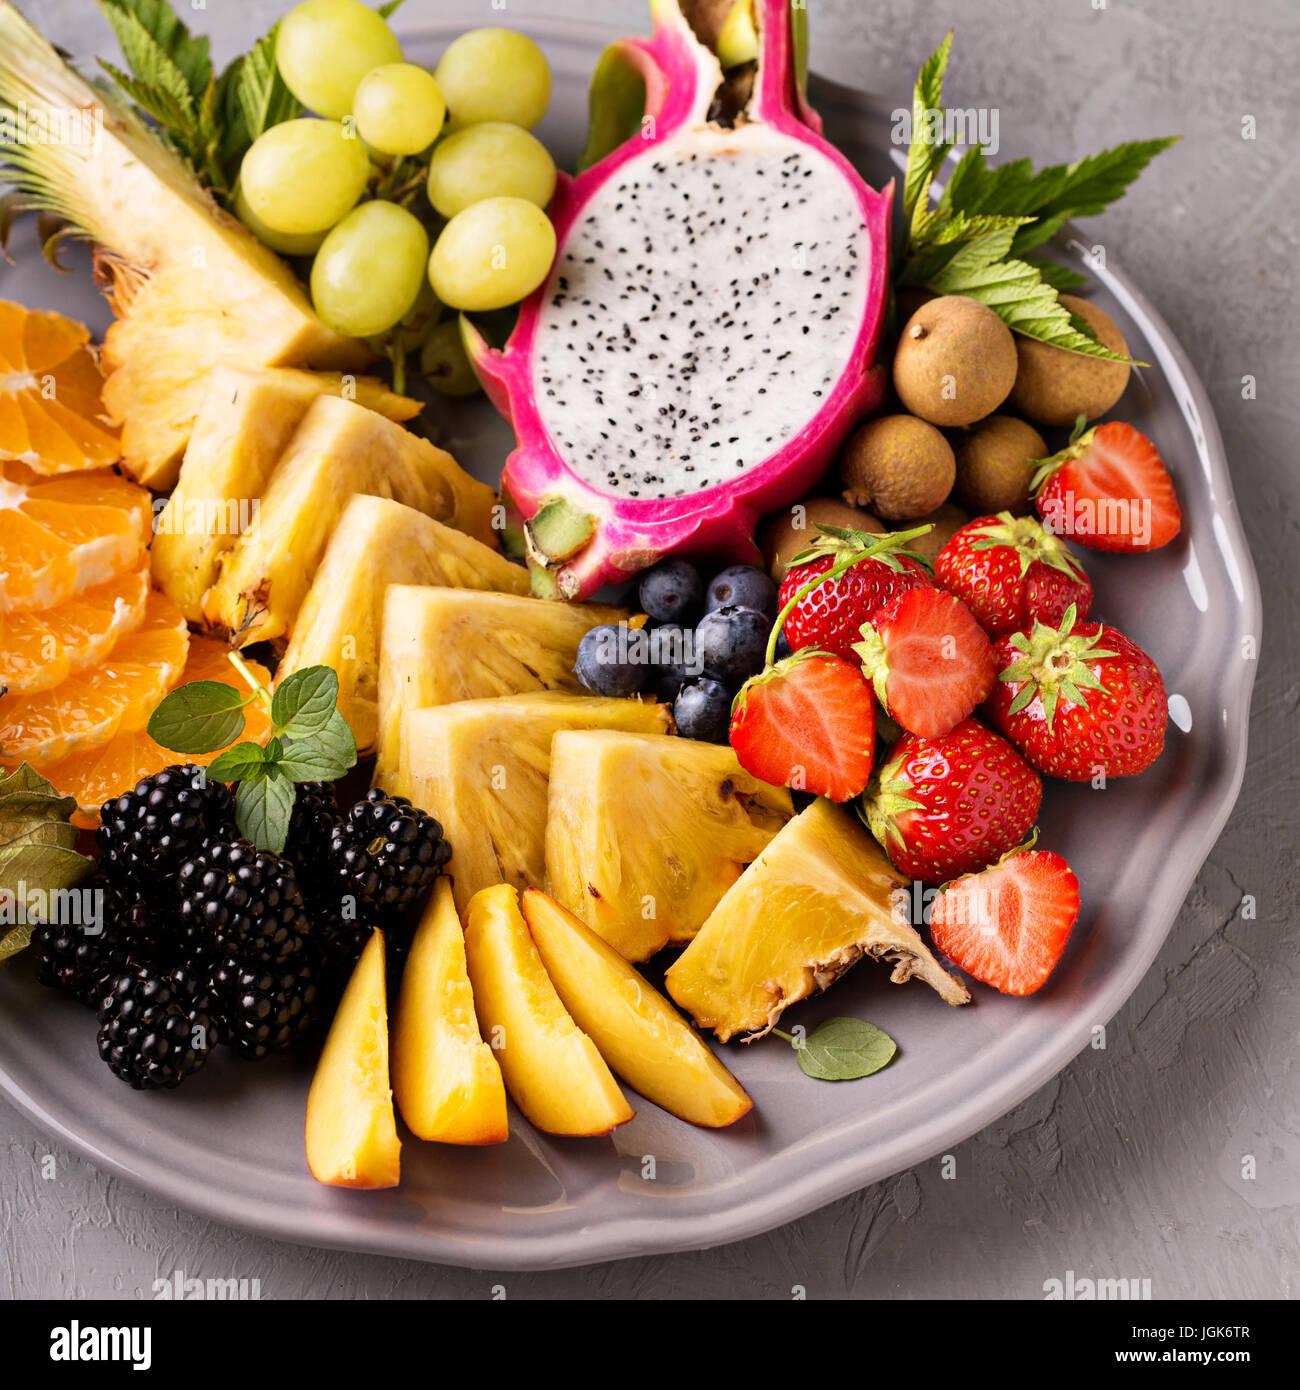 Frutas exóticas en una bandeja Imagen De Stock